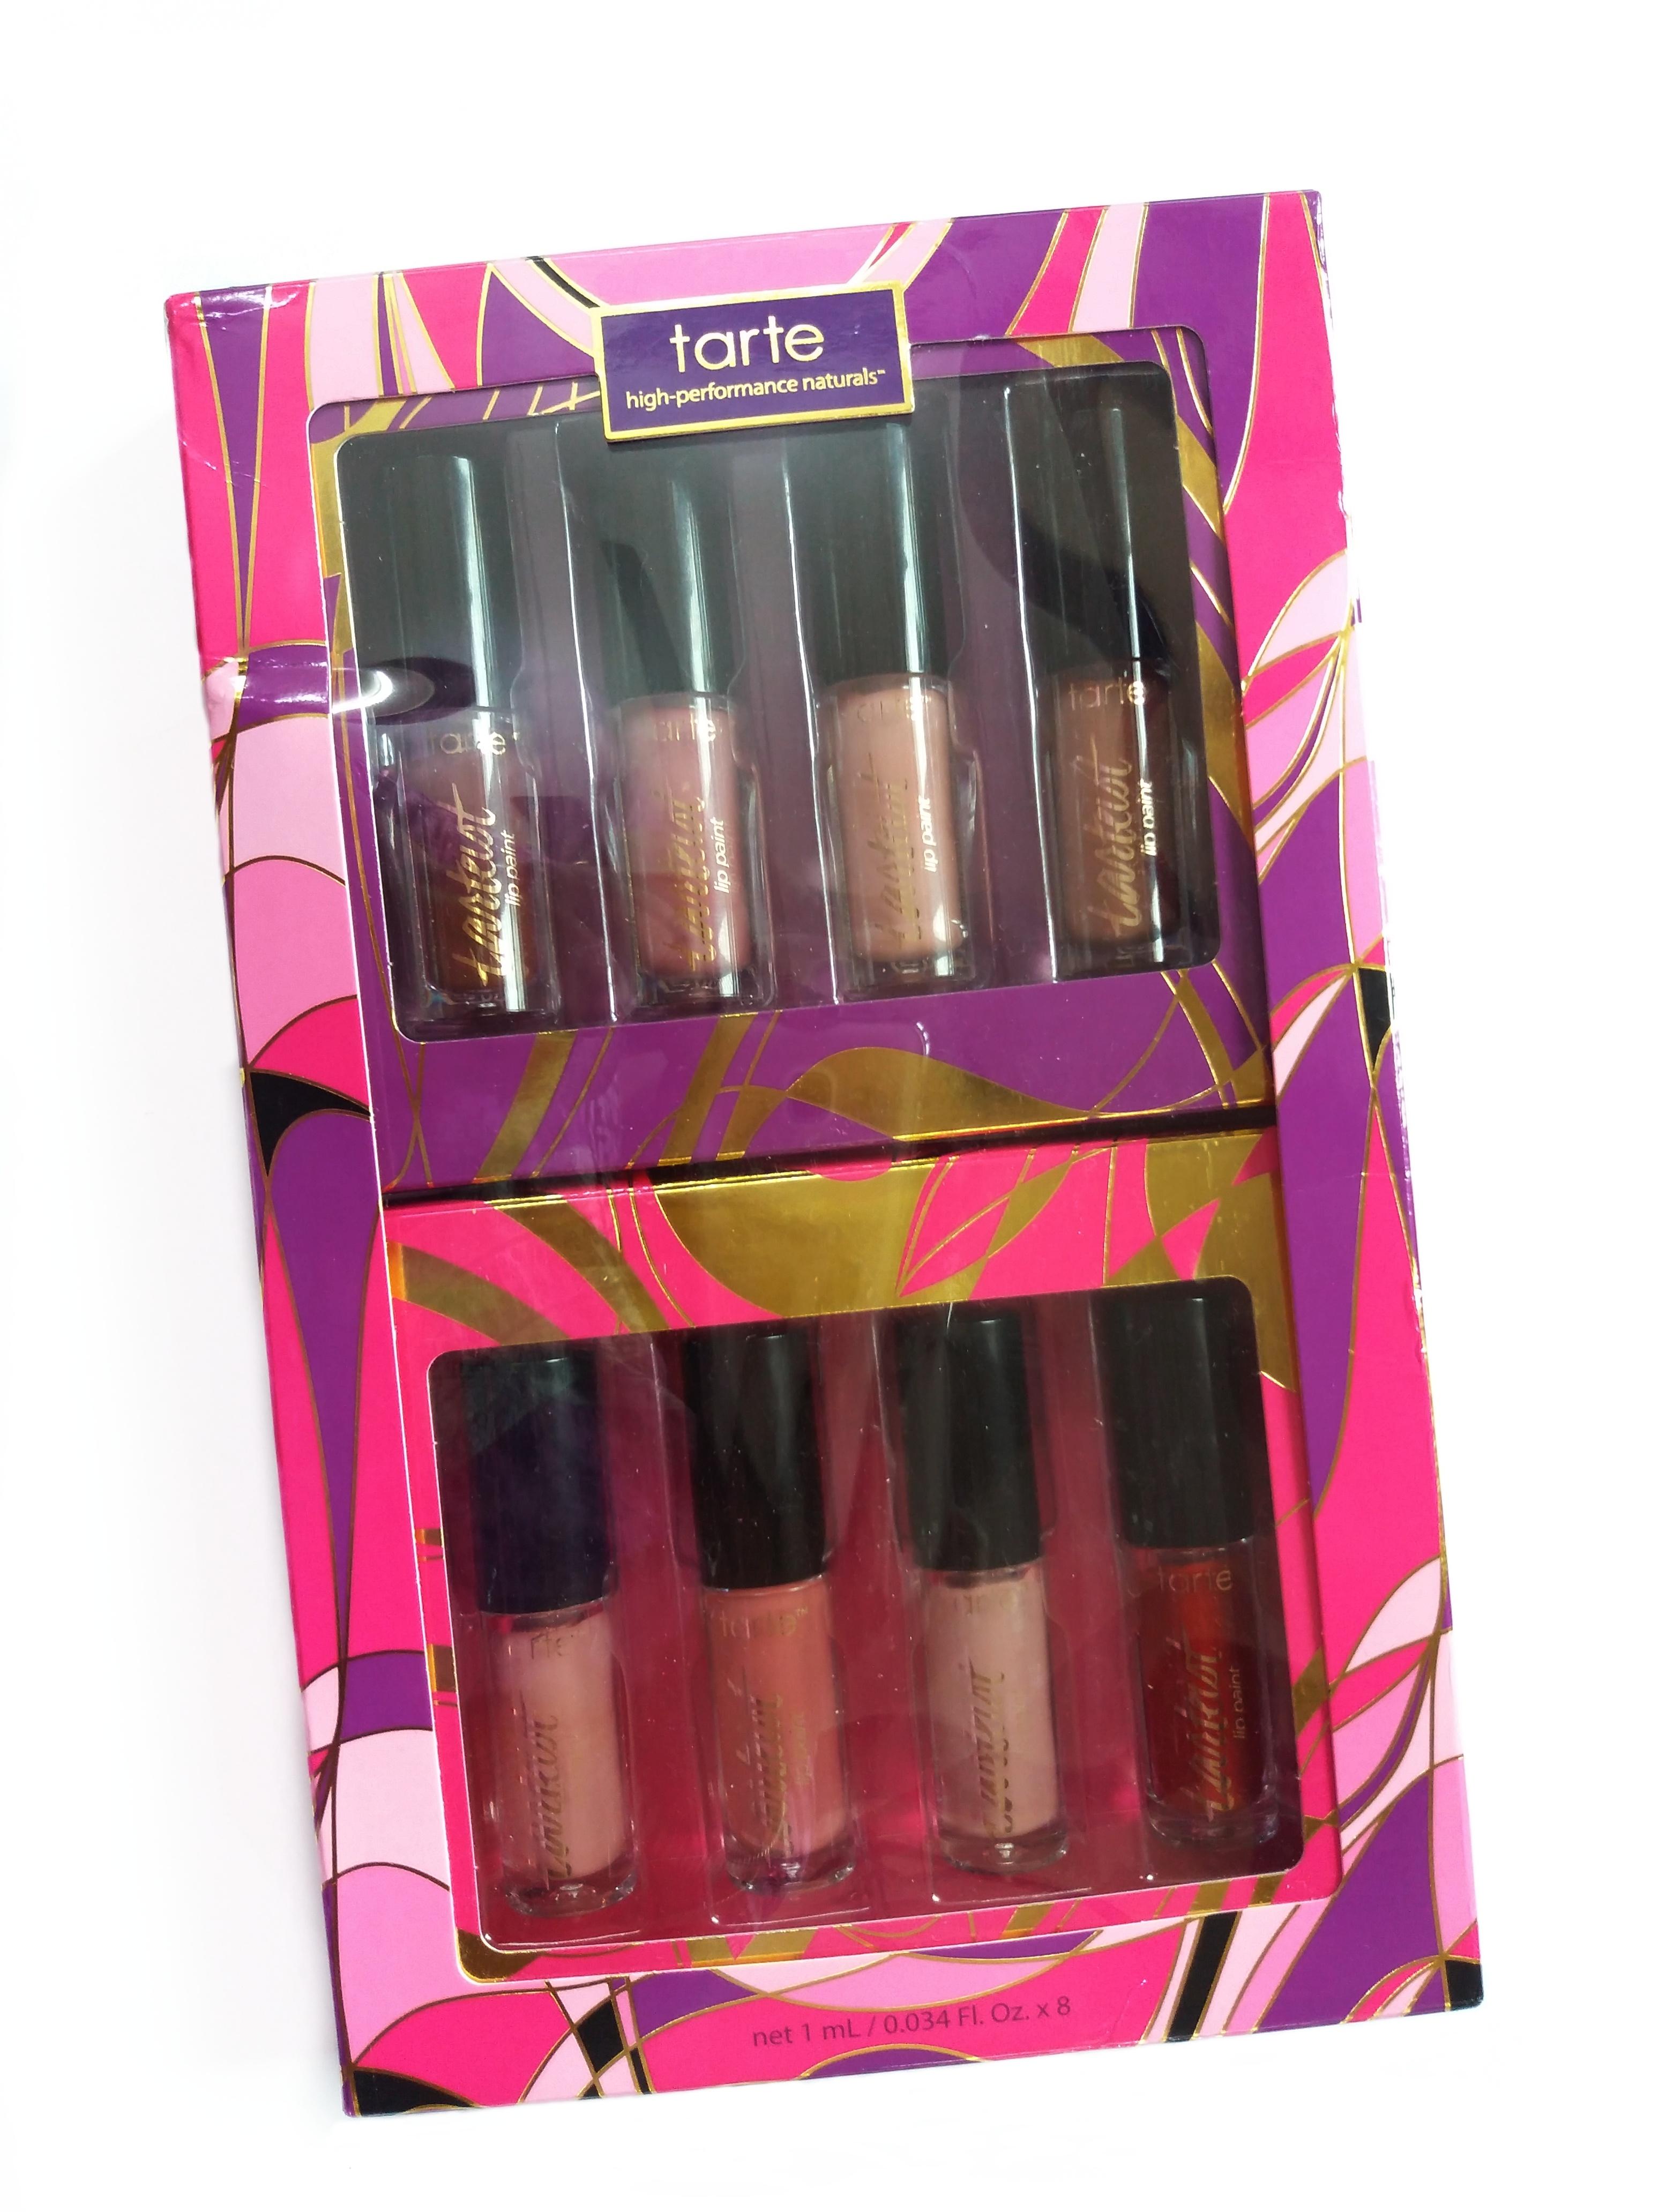 Tarte Limitless Lippies Deluxe Tarteist Creamy Matte Lip Paint Set